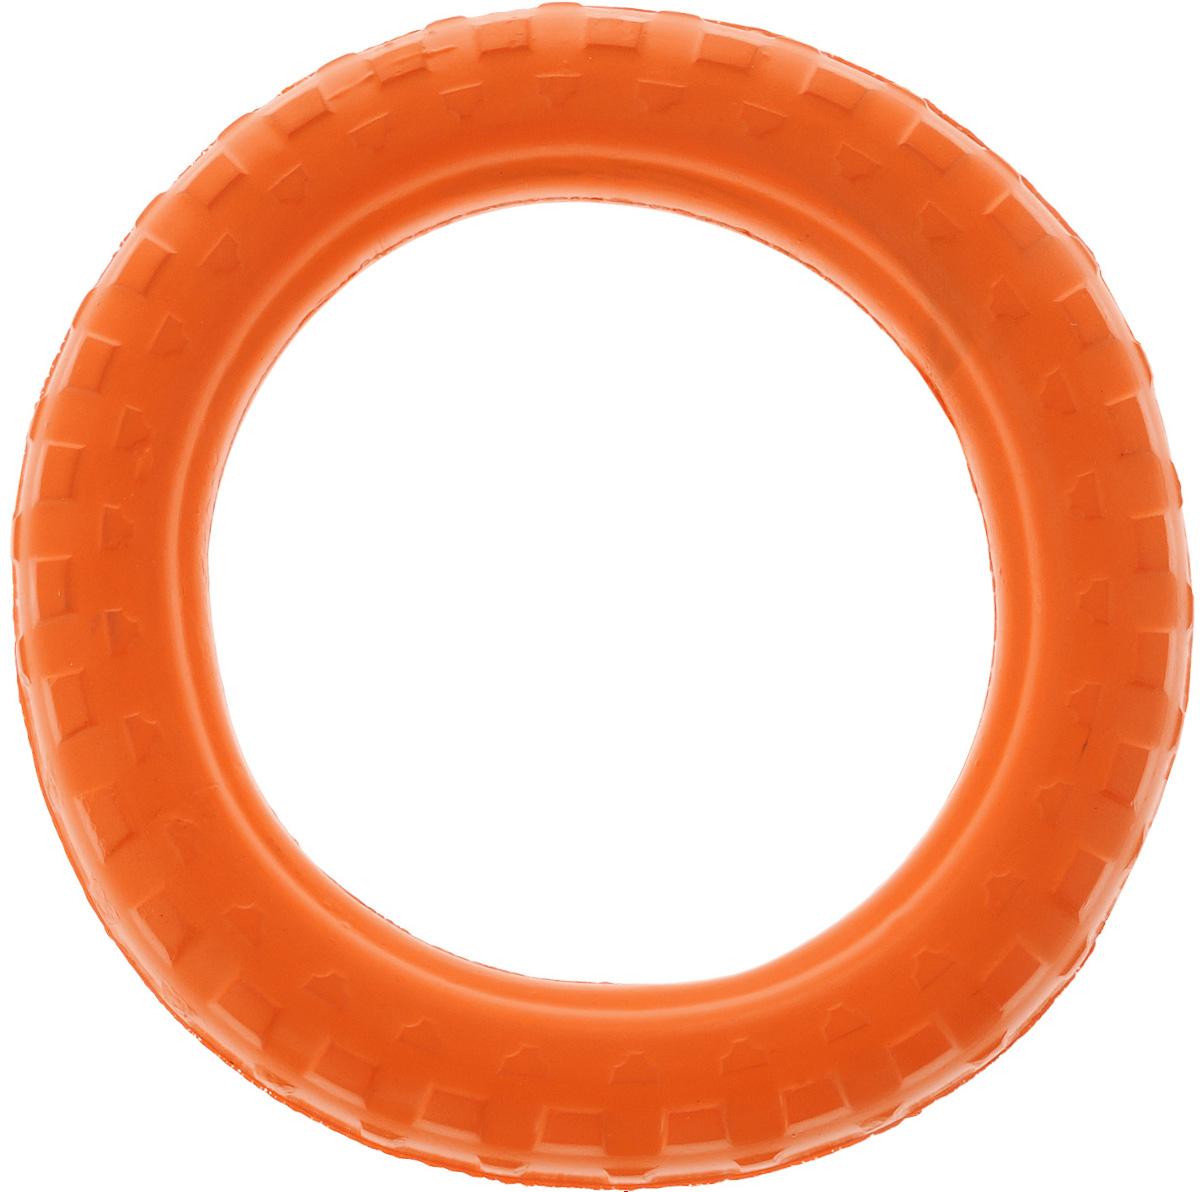 Игрушка для животных Doglike Шинка для колеса. Малая, цвет: оранжевый, диаметр 22 см0120710Doglike Шинка для колеса. Малая - простая и незамысловатая игрушка для собак, которая способна решить многие проблемы здоровья вашего четвероногого любимца. Если ваш пес портит мебель, излишне агрессивен, непослушен или страдает излишним весом то, скорее всего, корень всех бед кроется в недостаточной физической и эмоциональной нагрузке. Порадуйте своего питомца прекрасным и качественным подарком.Диаметр игрушки: 22 см.